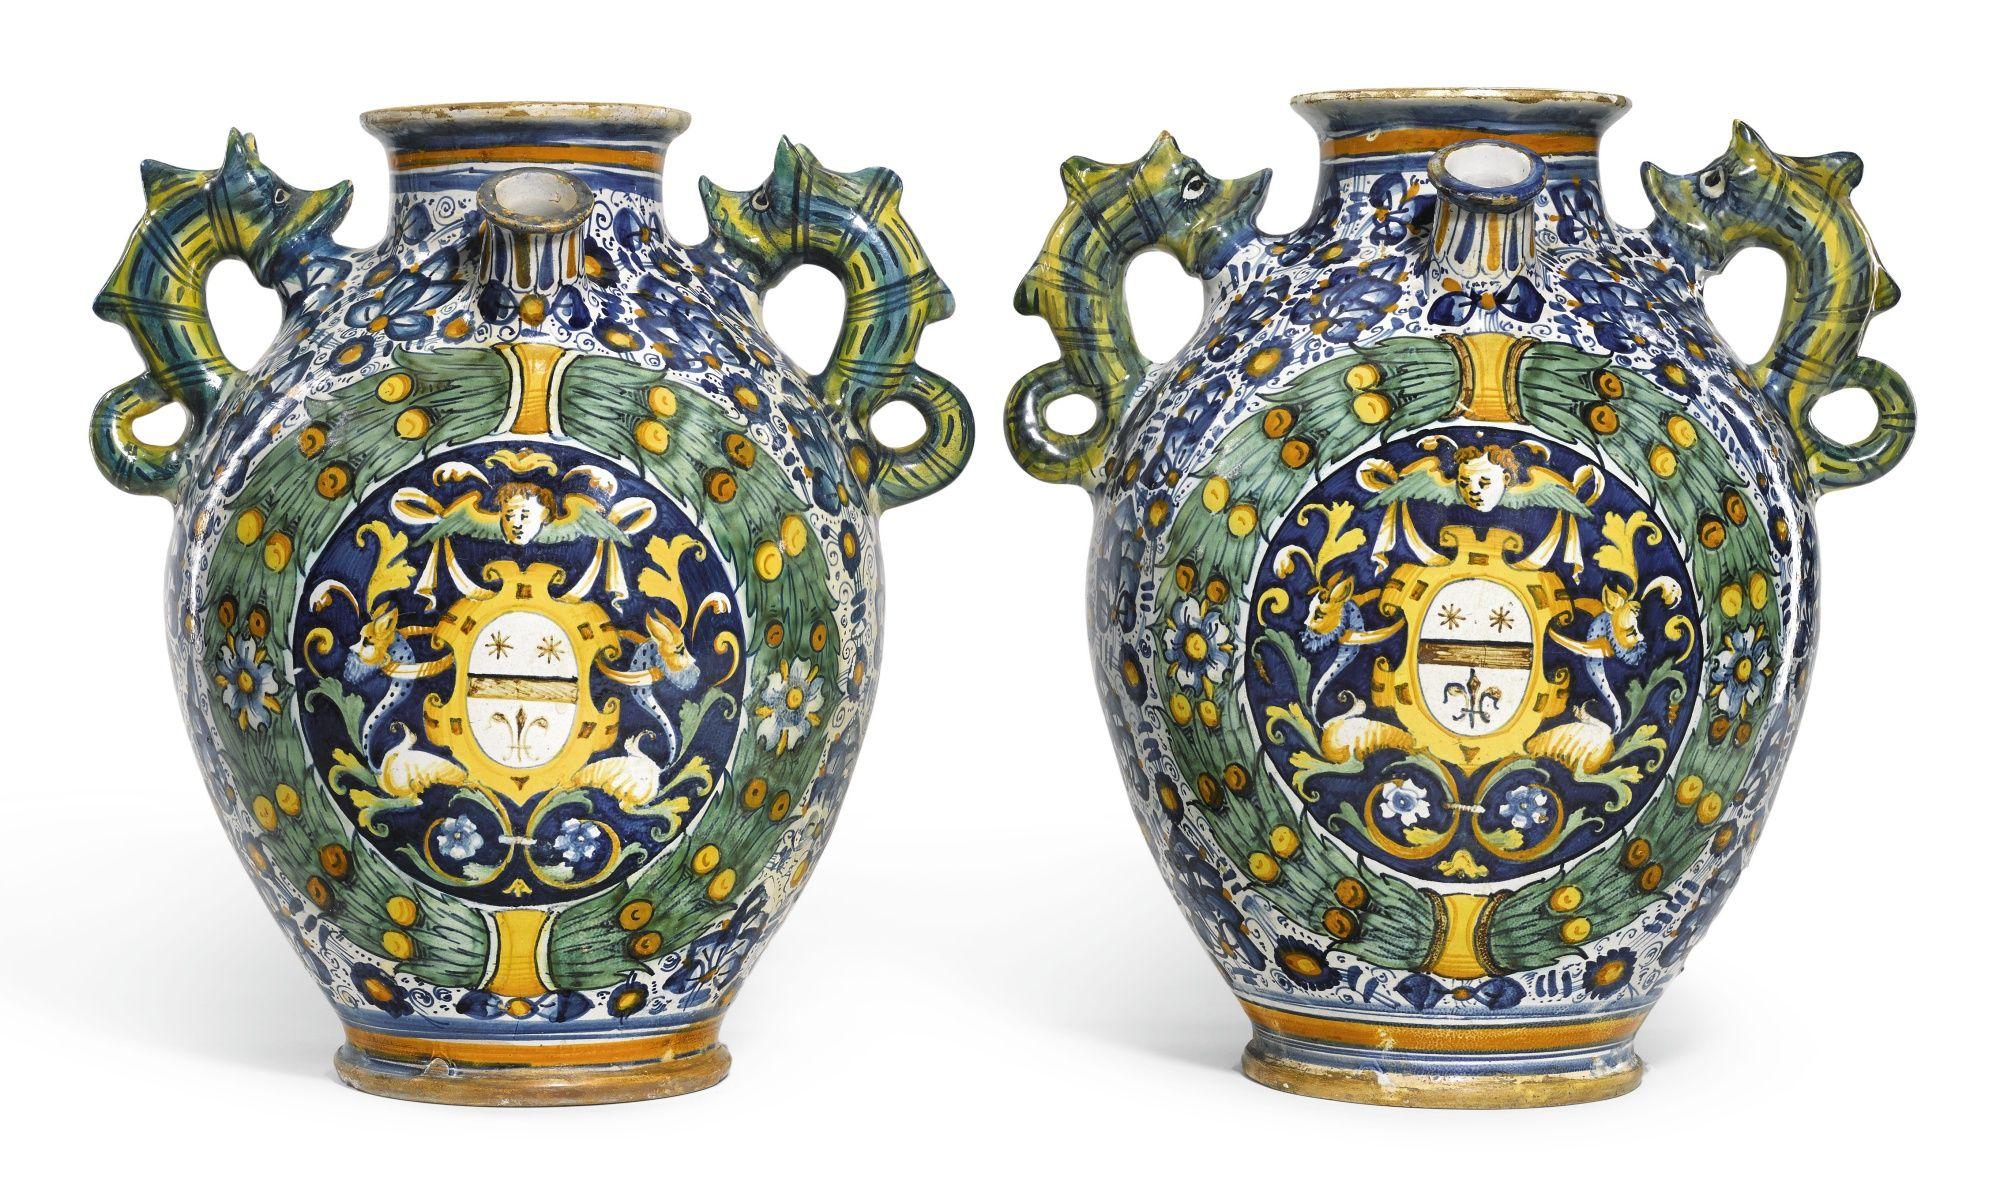 Ceramiche Toscane Montelupo Fiorentino a pair of italian maiolica armorial wet drug jars, montelupo